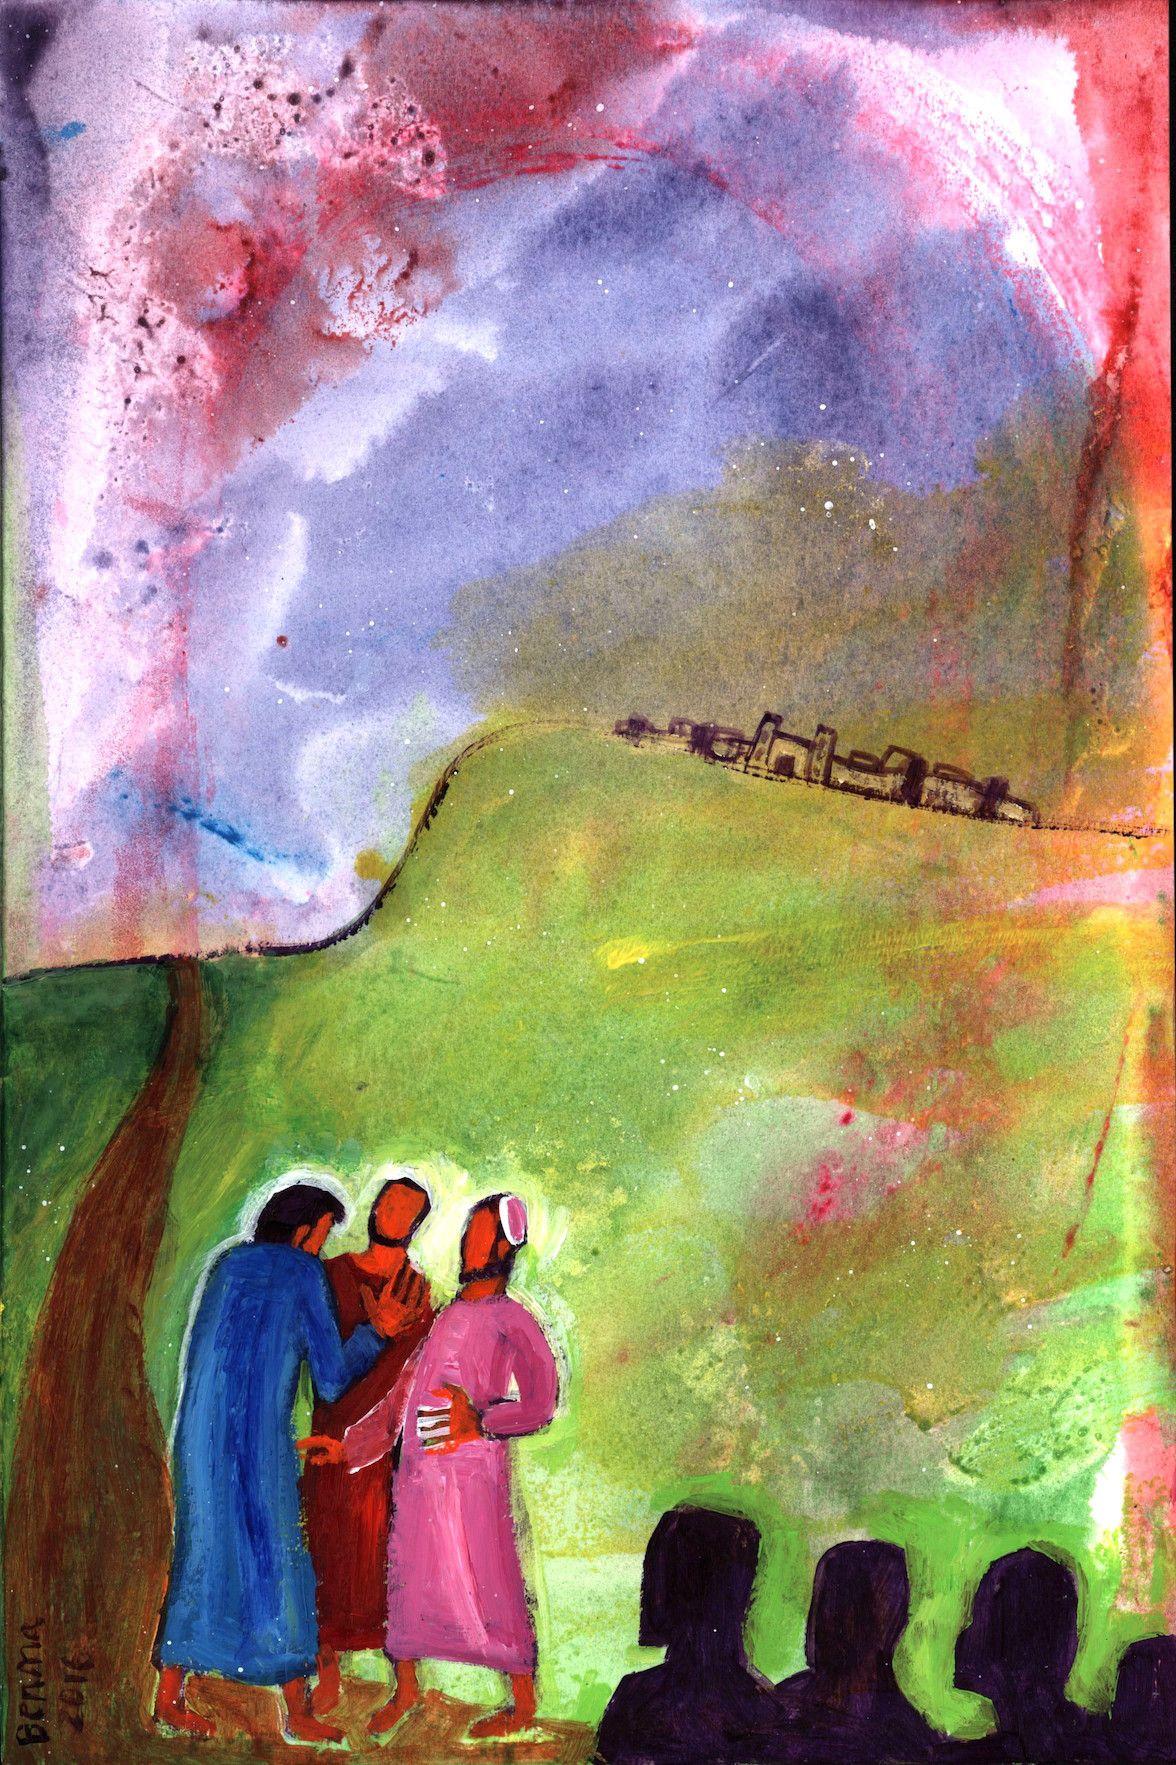 « Jésus, le visage déterminé, prit la route de Jérusalem  » Luc 9, 52  (Crédits photo : Bernadette Lopez, alias Berna dans Évangile et peinture)